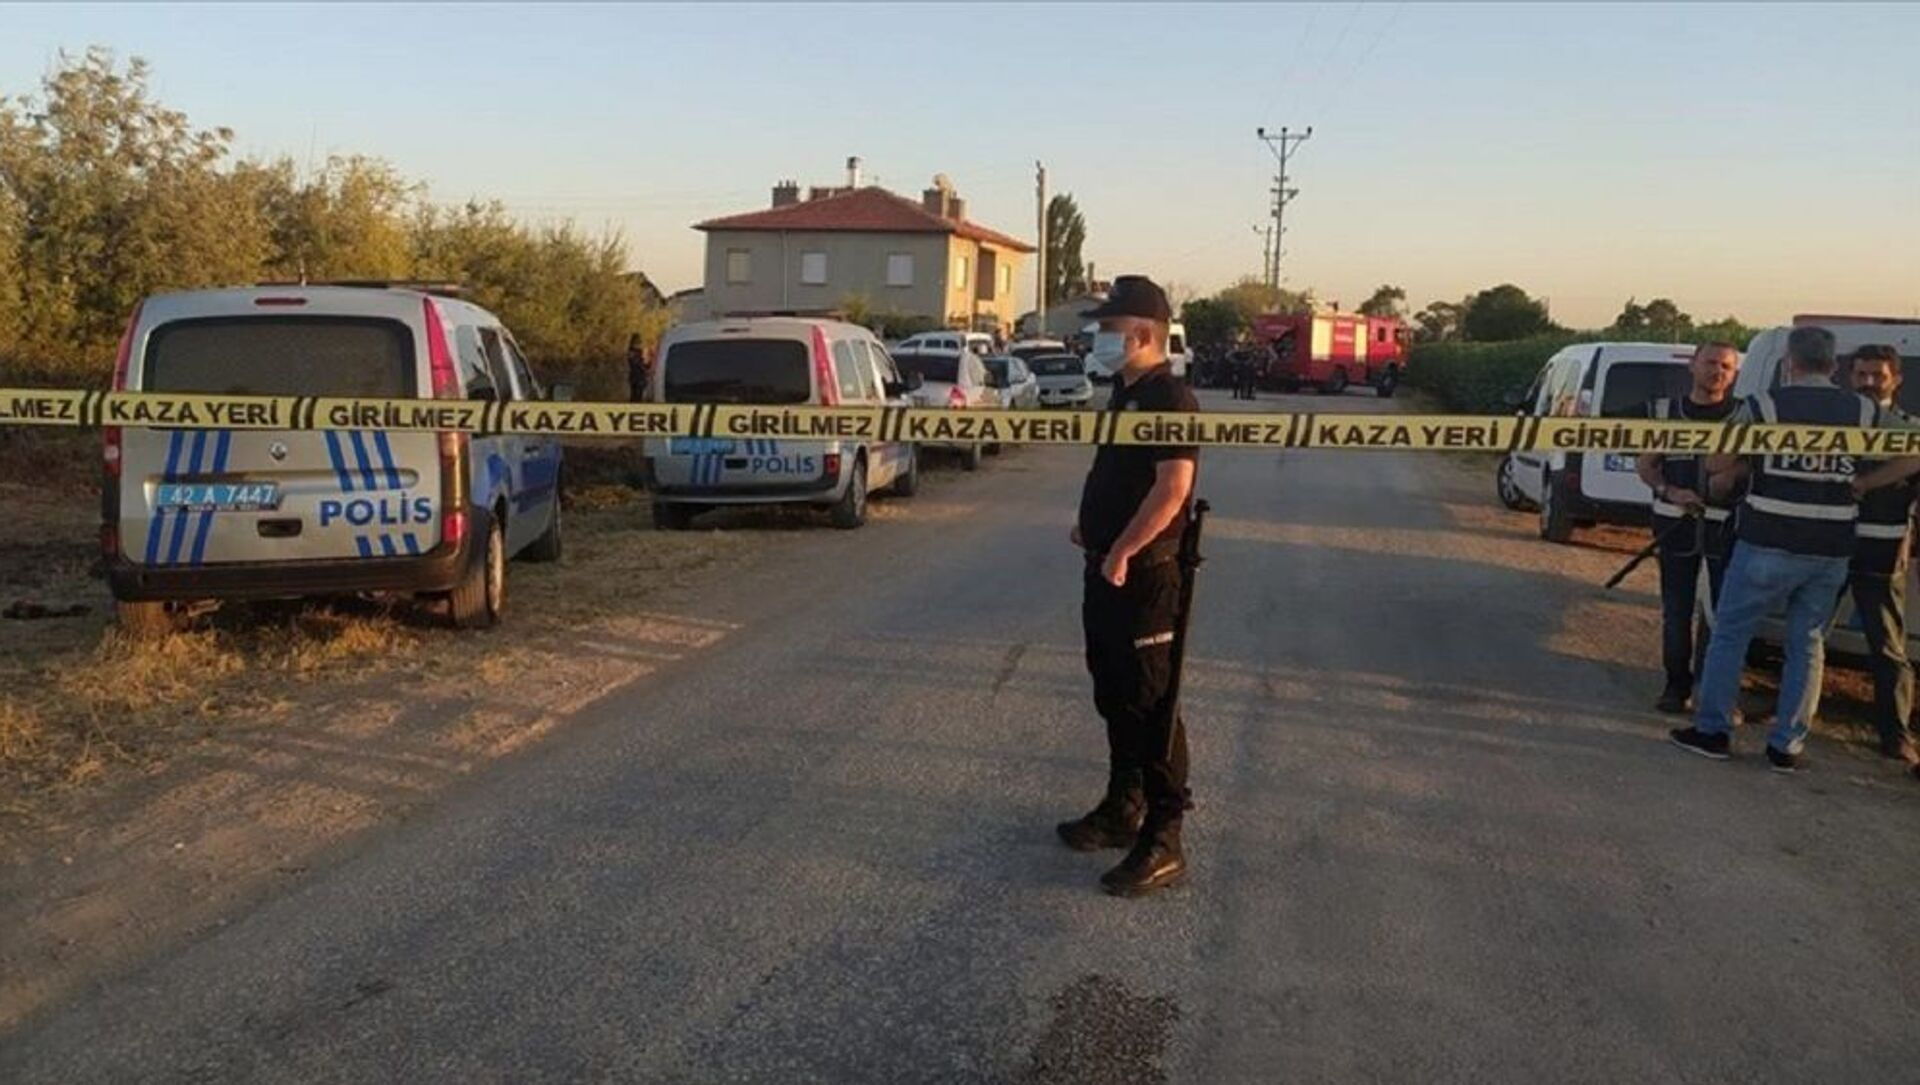 Konya'da 7 kişilik aile öldürüldü - Sputnik Türkiye, 1920, 04.08.2021